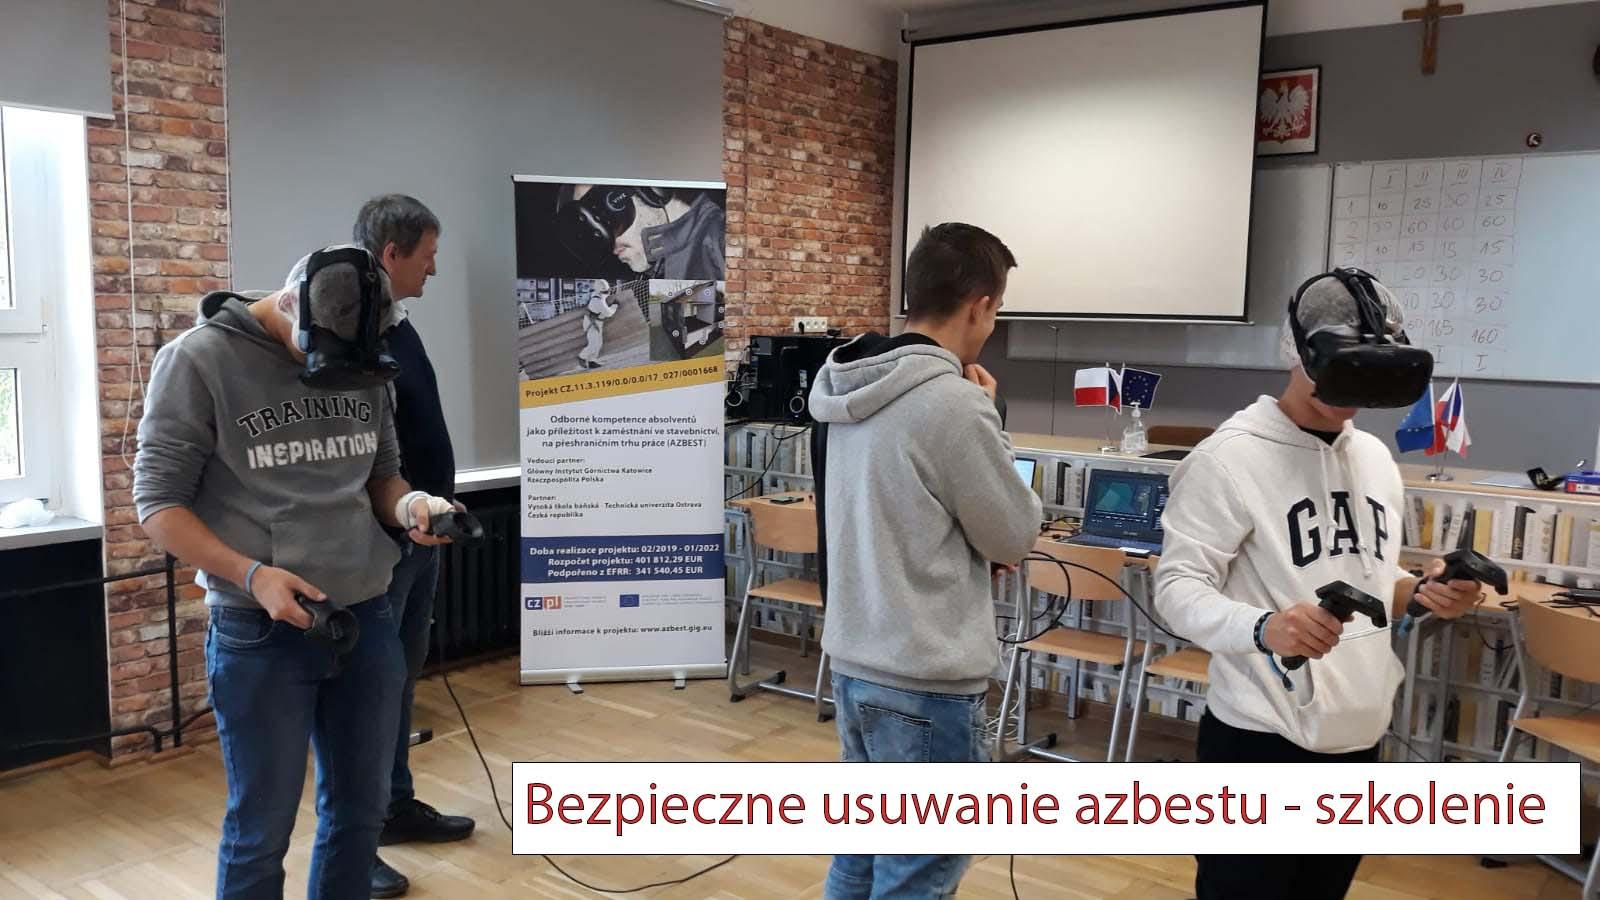 Bezpieczne usuwanie azbestu - szkolenie